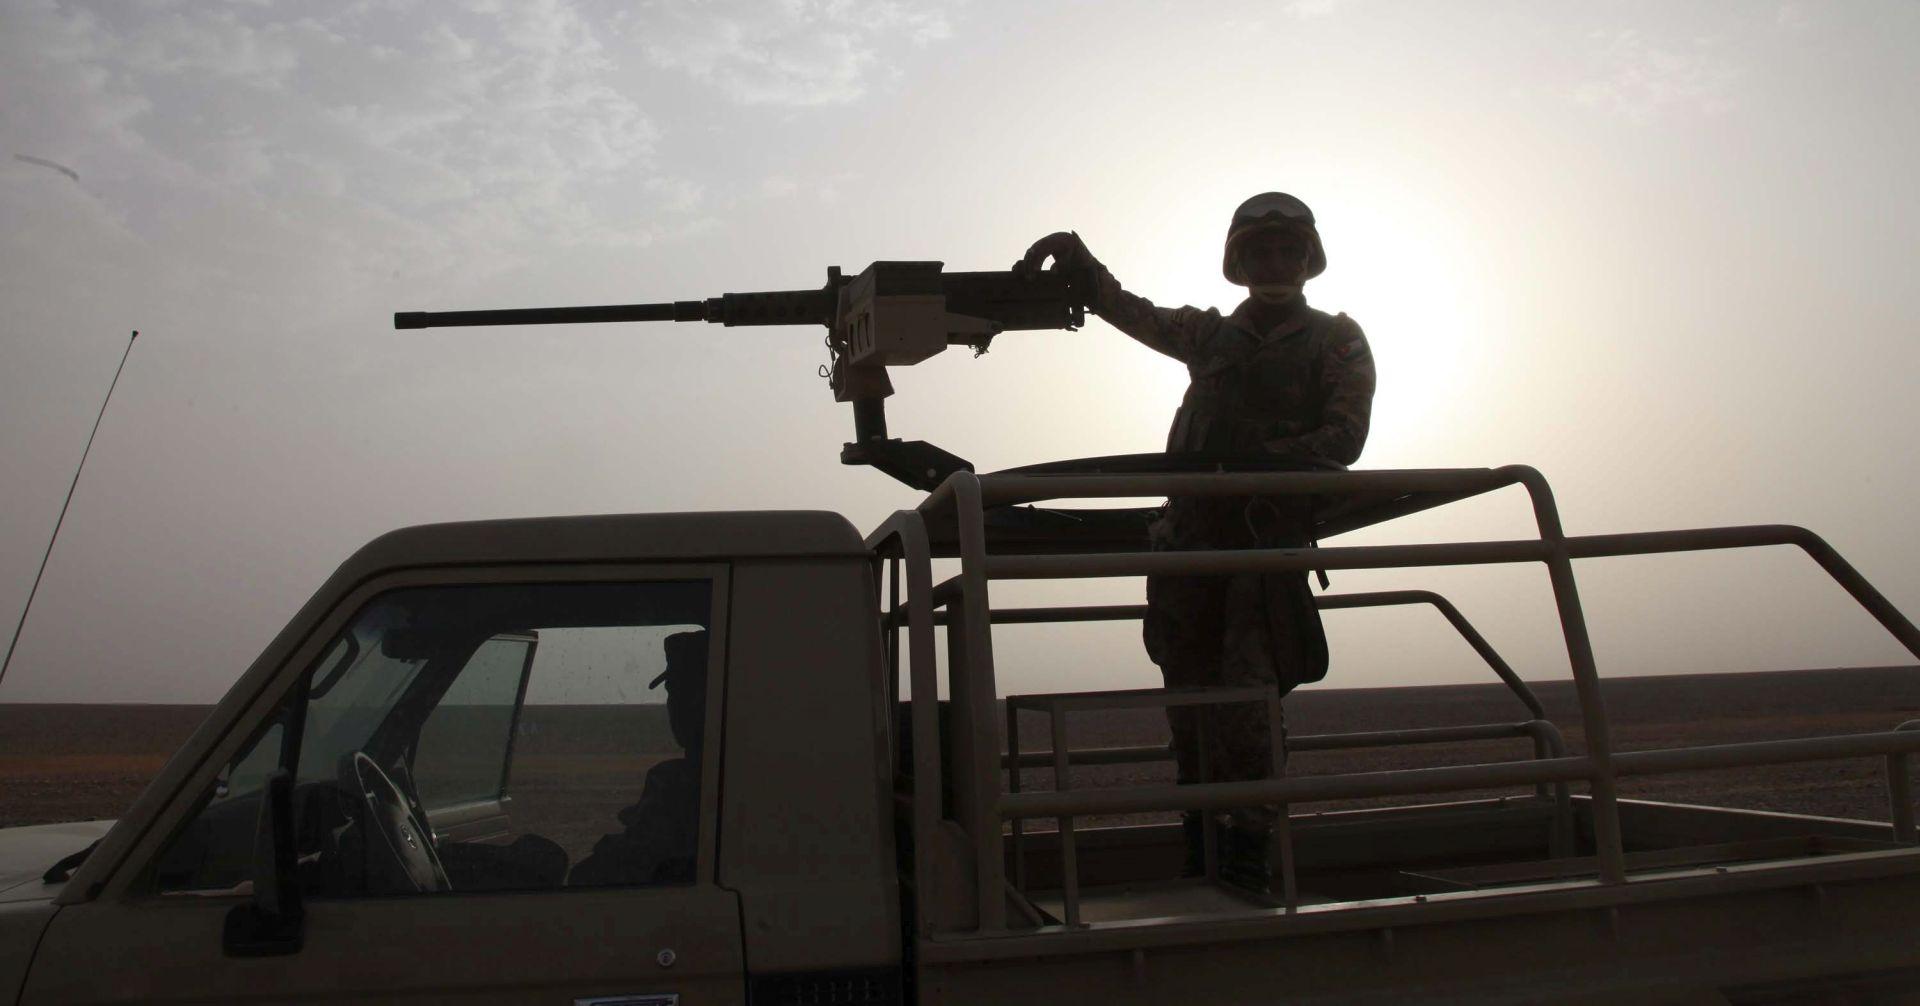 UBOJSTVO ŠESTORICE VOJNIKA: Jordan proglasio granicu sa Sirijom zatvorenom vojnom zonom